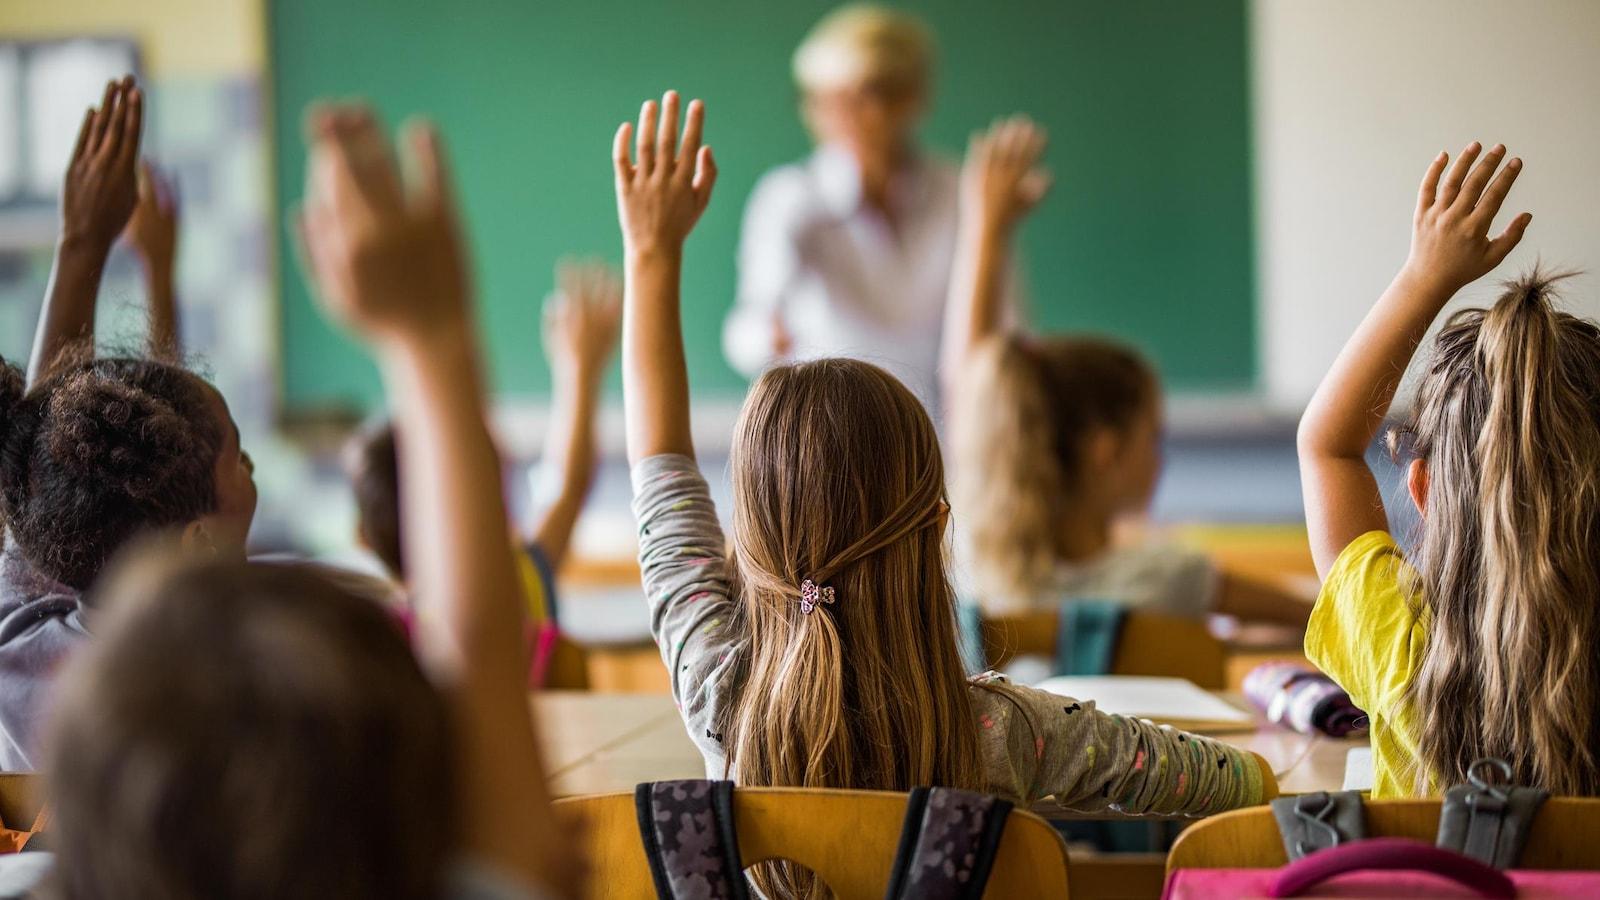 Des élèves lèvent la main dans une classe.